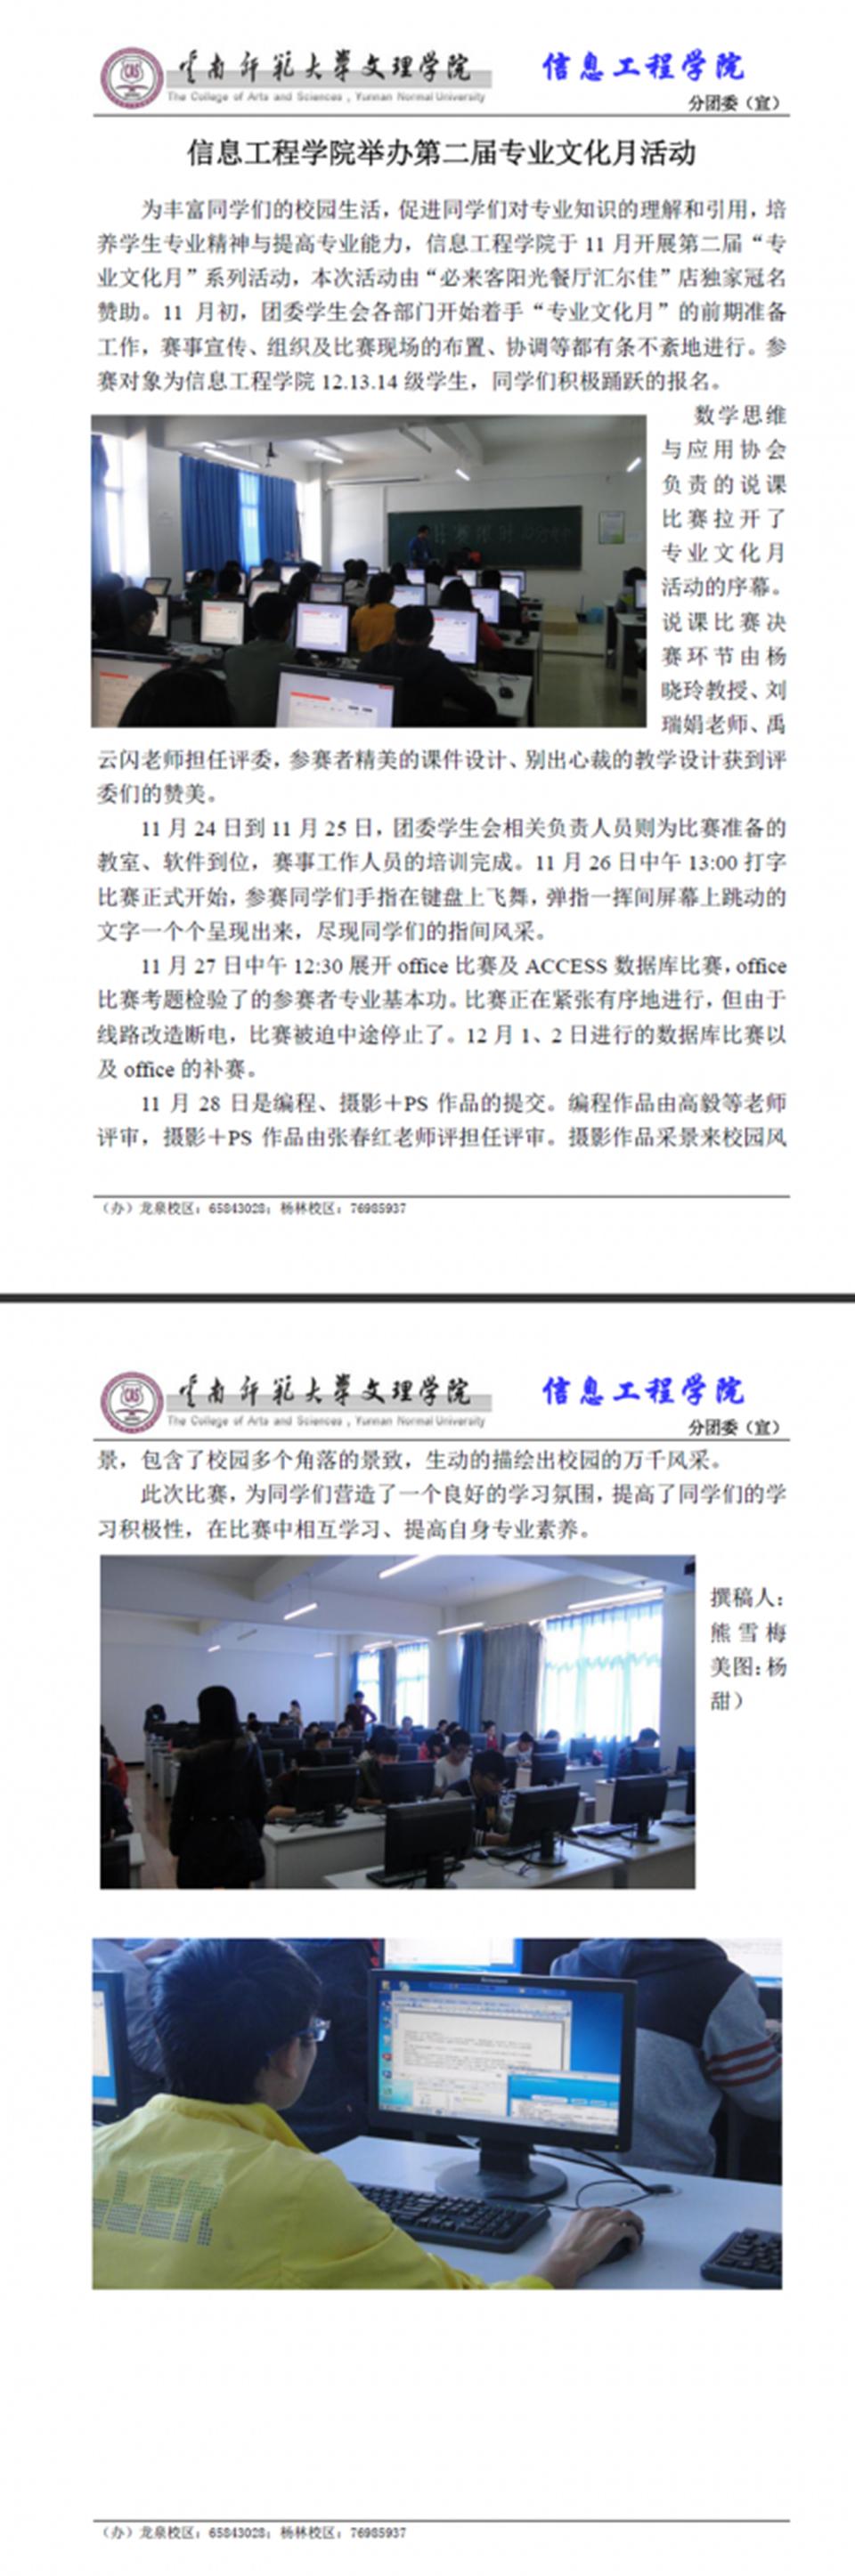 2014年信息工程学院专业文化月活动